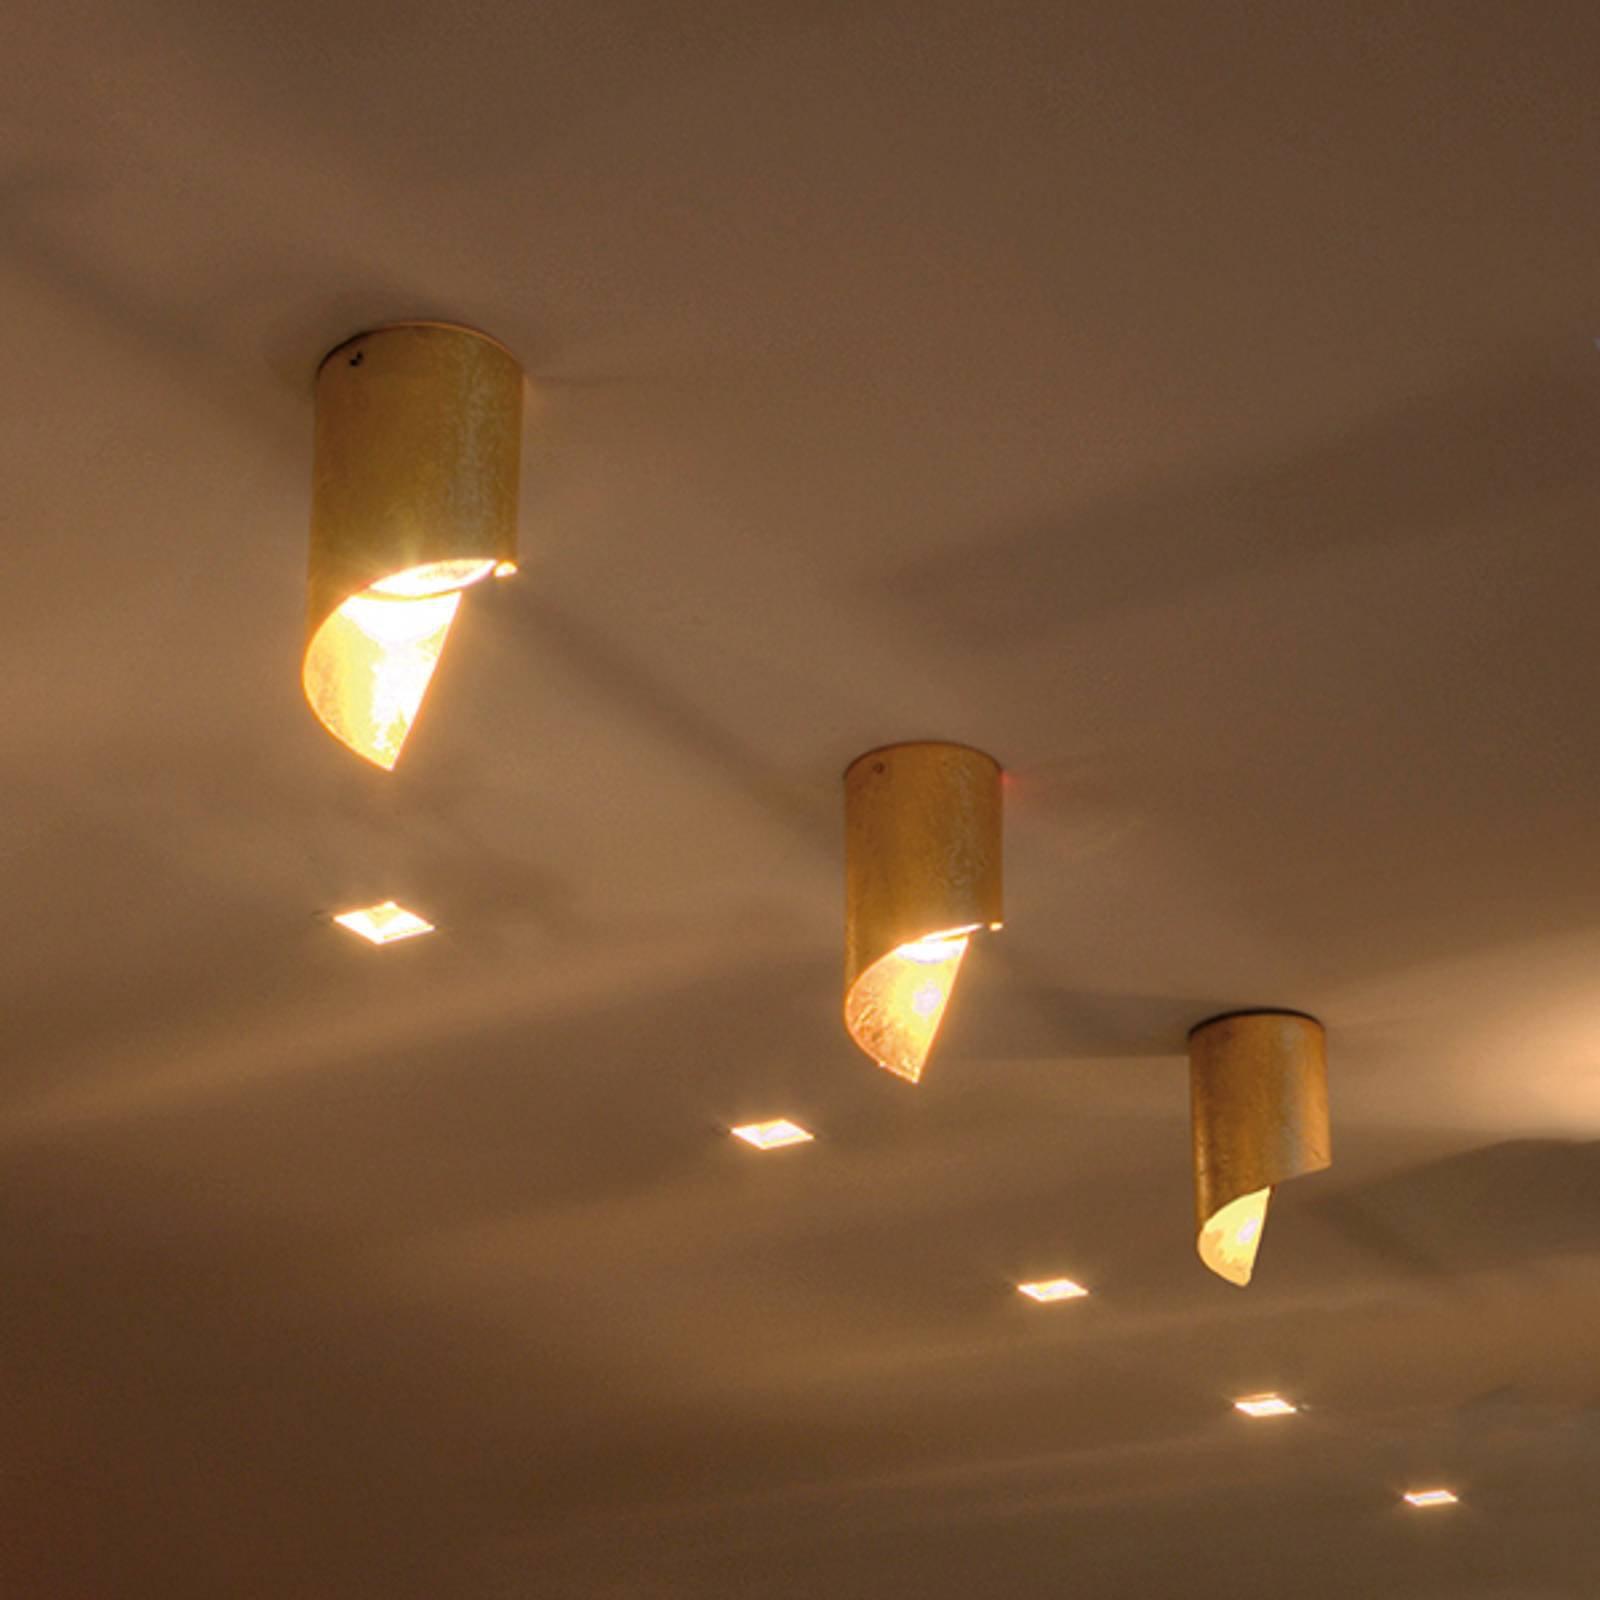 Knikerboker Hué LED-taklampe 8 x 37 cm bladgull